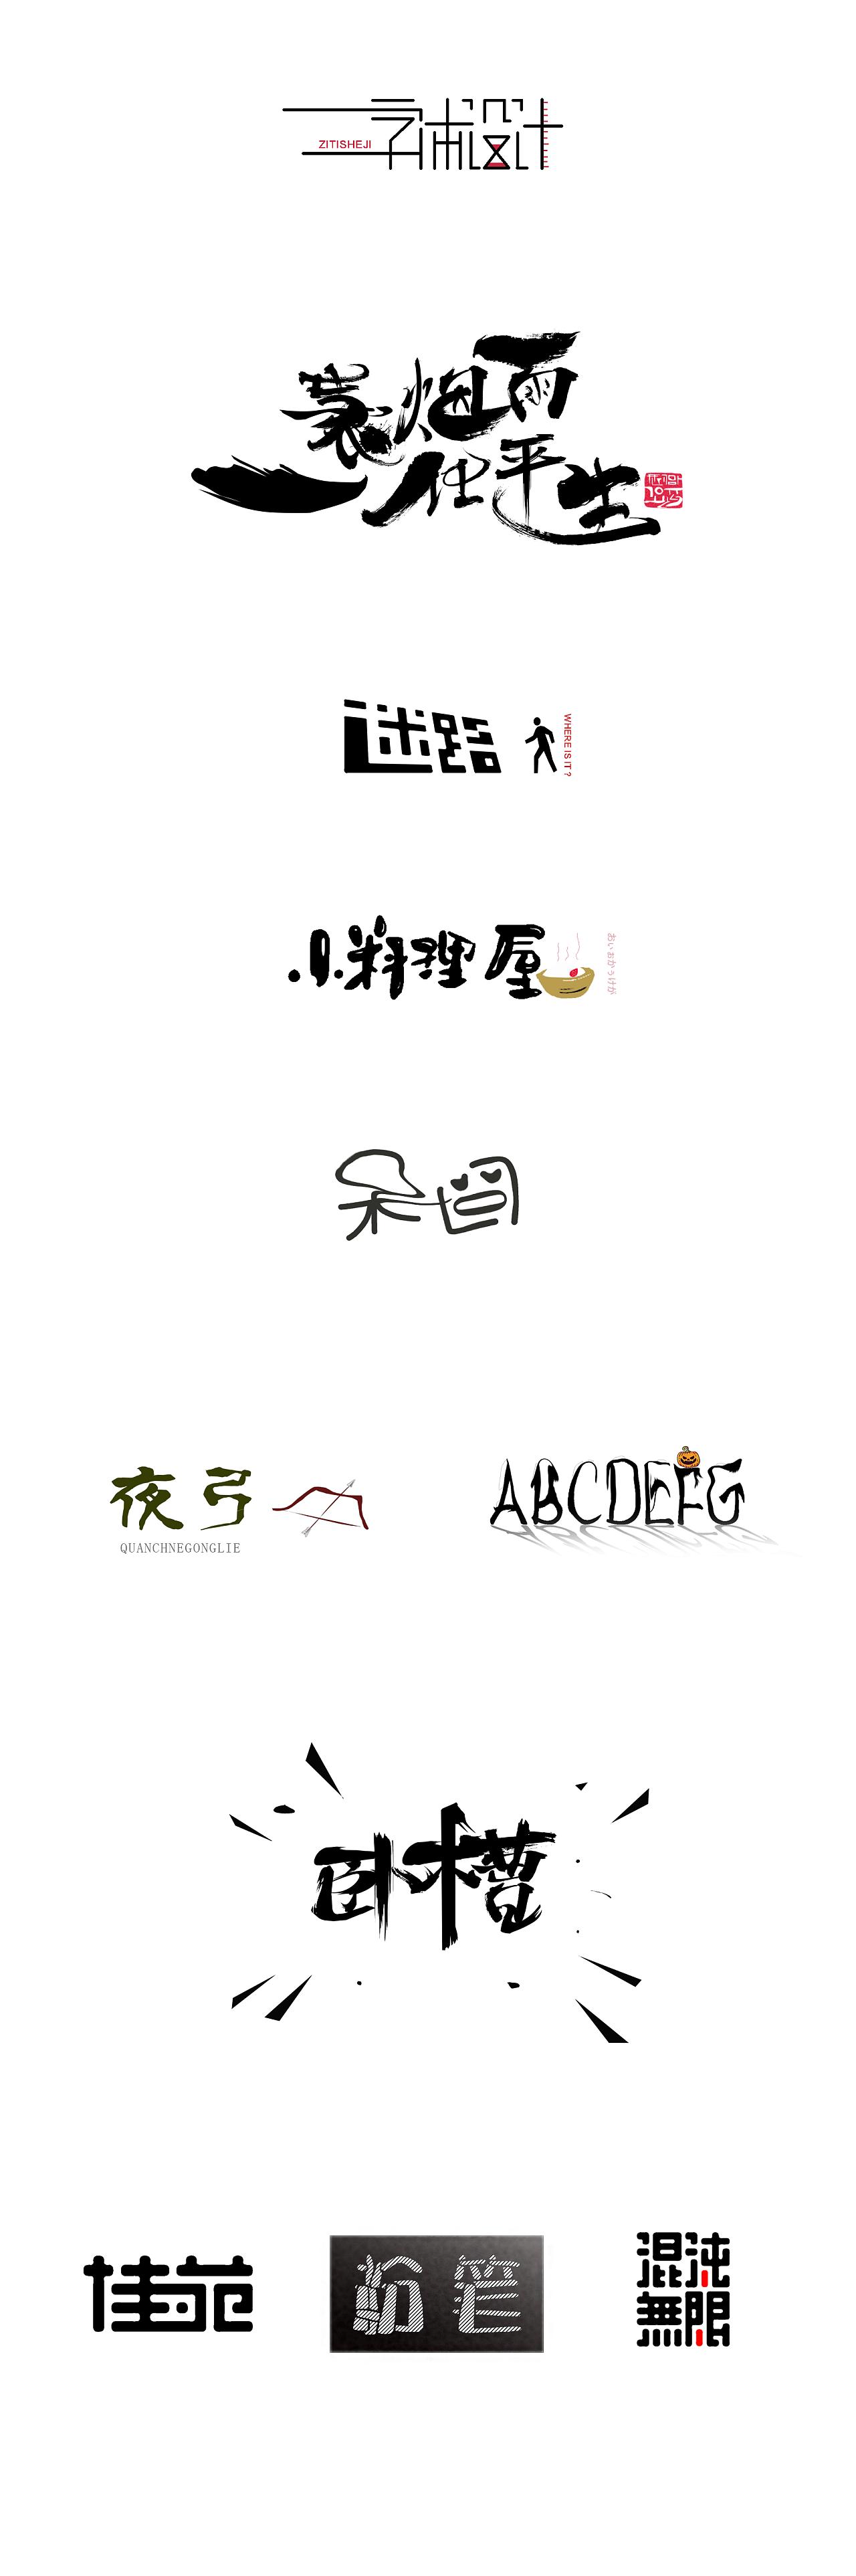 字体设计,艺术字,logo设计|平面|字体/字形|qiuyiding图片